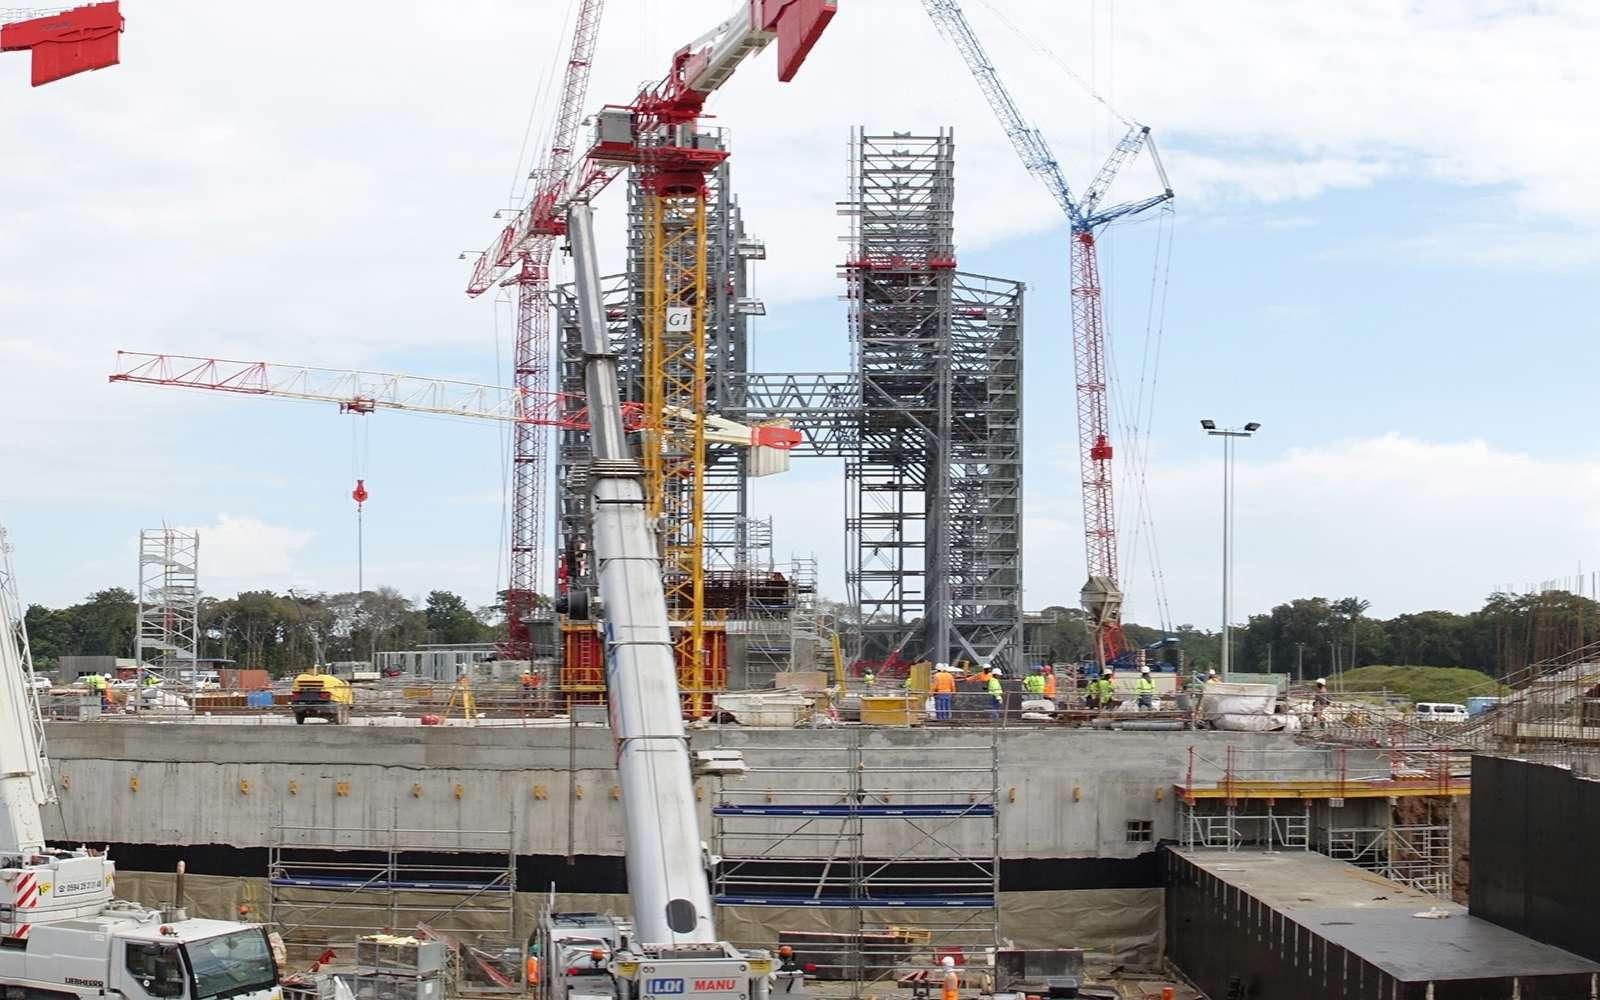 État d'avancement de la construction du pas de tir d'Ariane 6 (août 2018). © Cnes, service optique du CSG